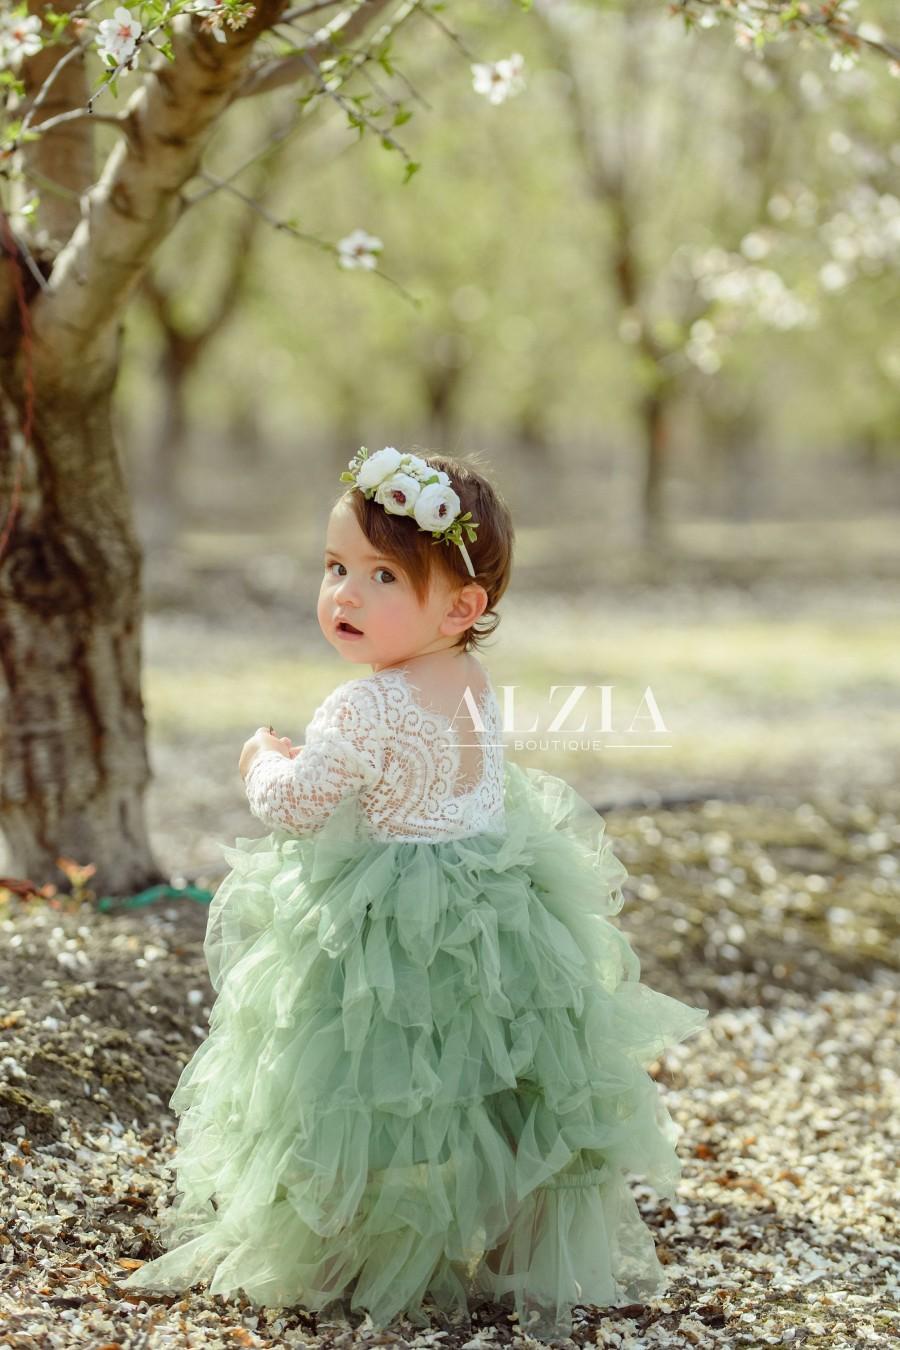 زفاف - Sage Green Lace Flower Girl Dress ,  Scalloped Edges Back Party Dress for Girls